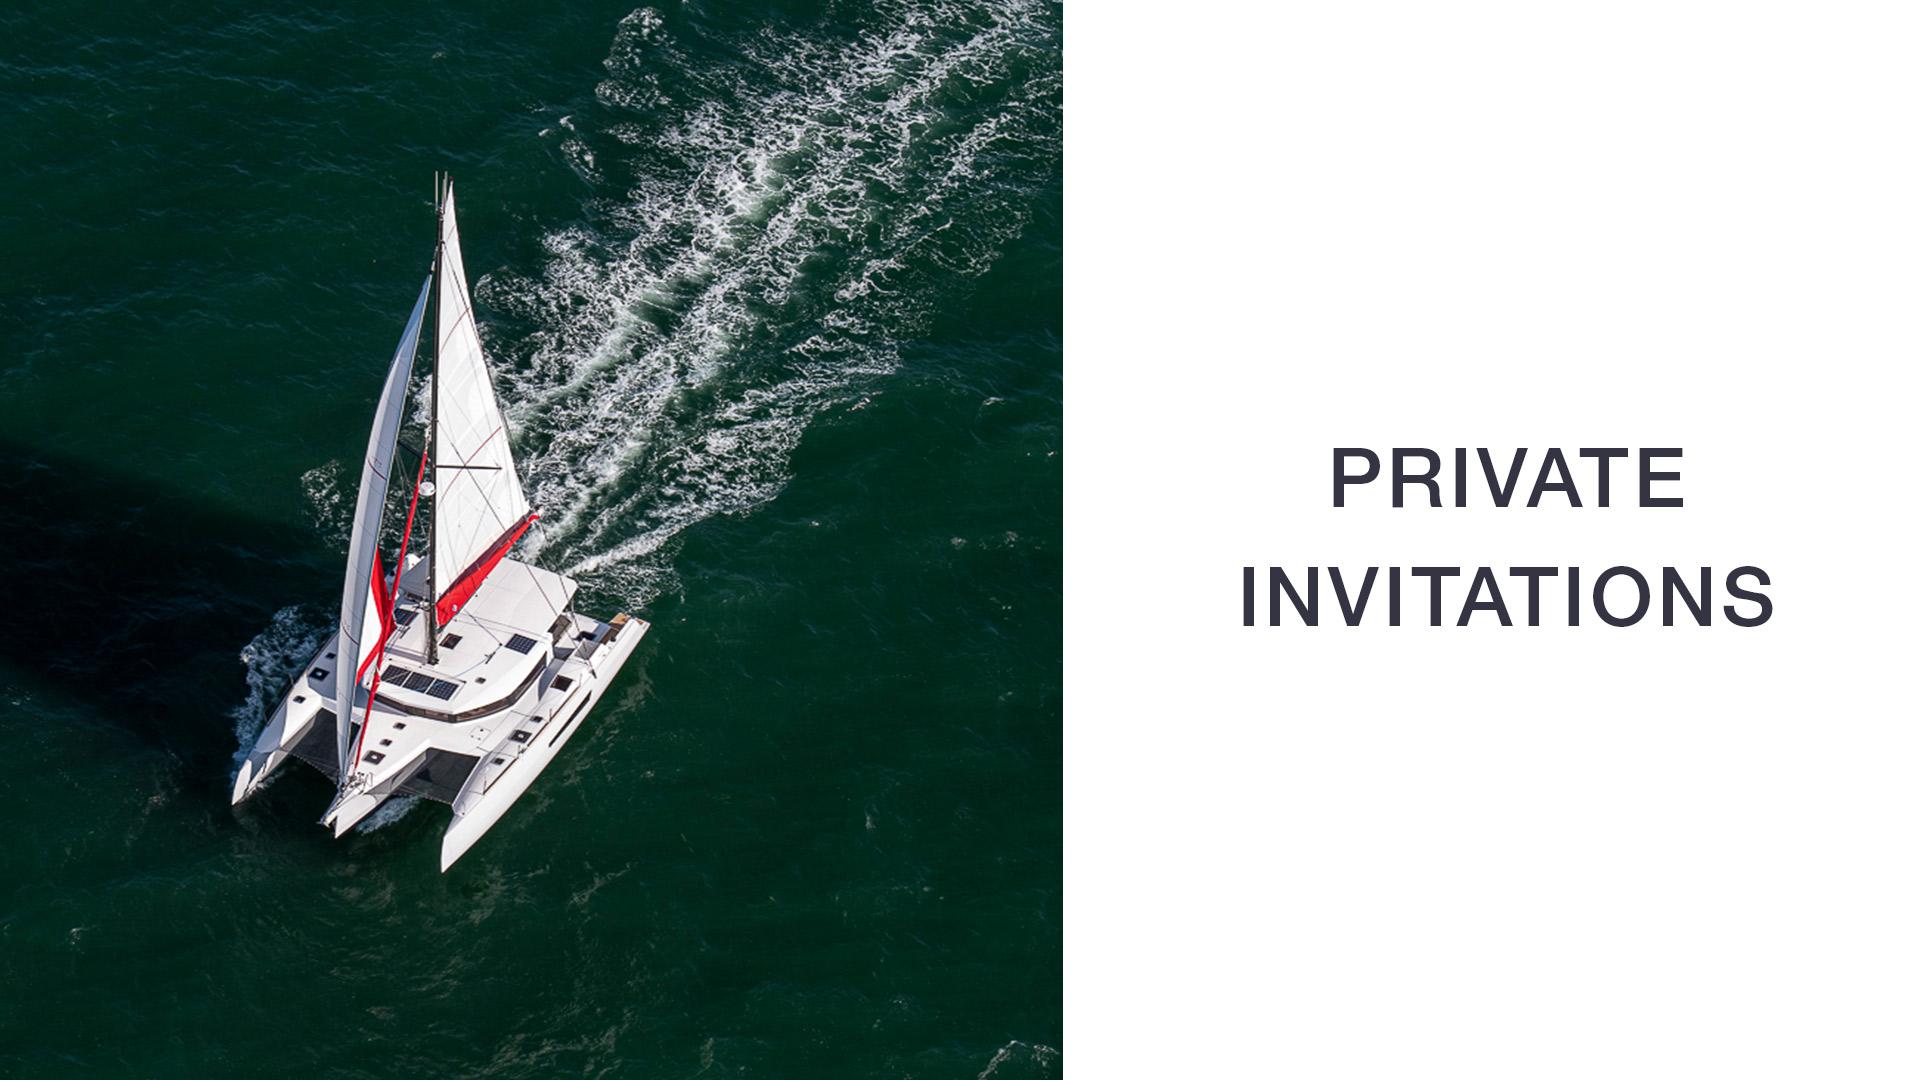 NEEL-TRIMARANS PRIVATE INVITATION